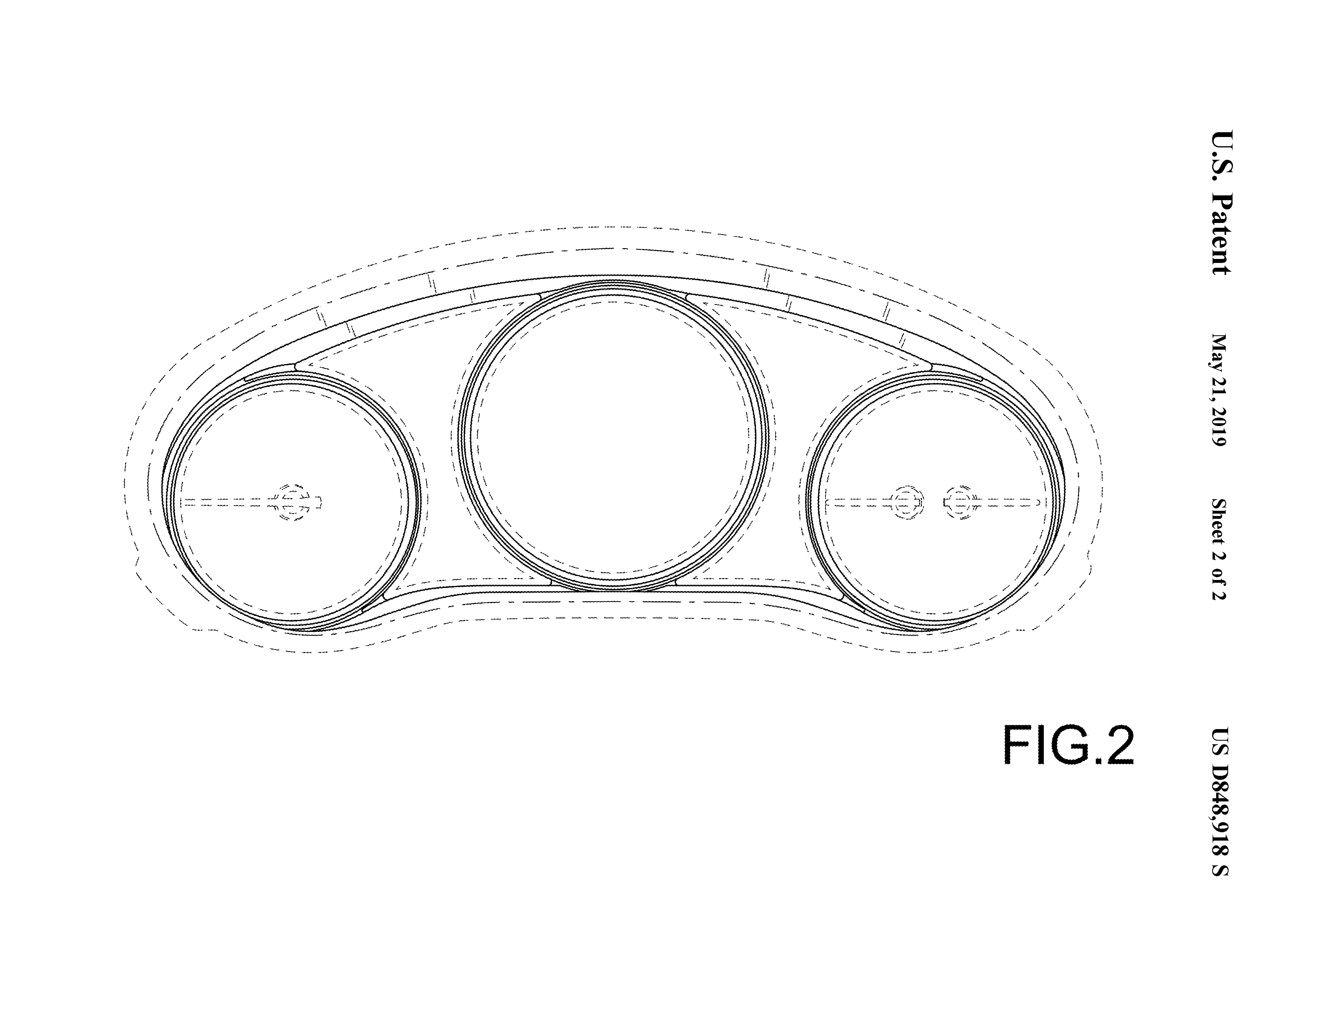 マツダ、米国で新型Mazda3のメーターに関する意匠を登録